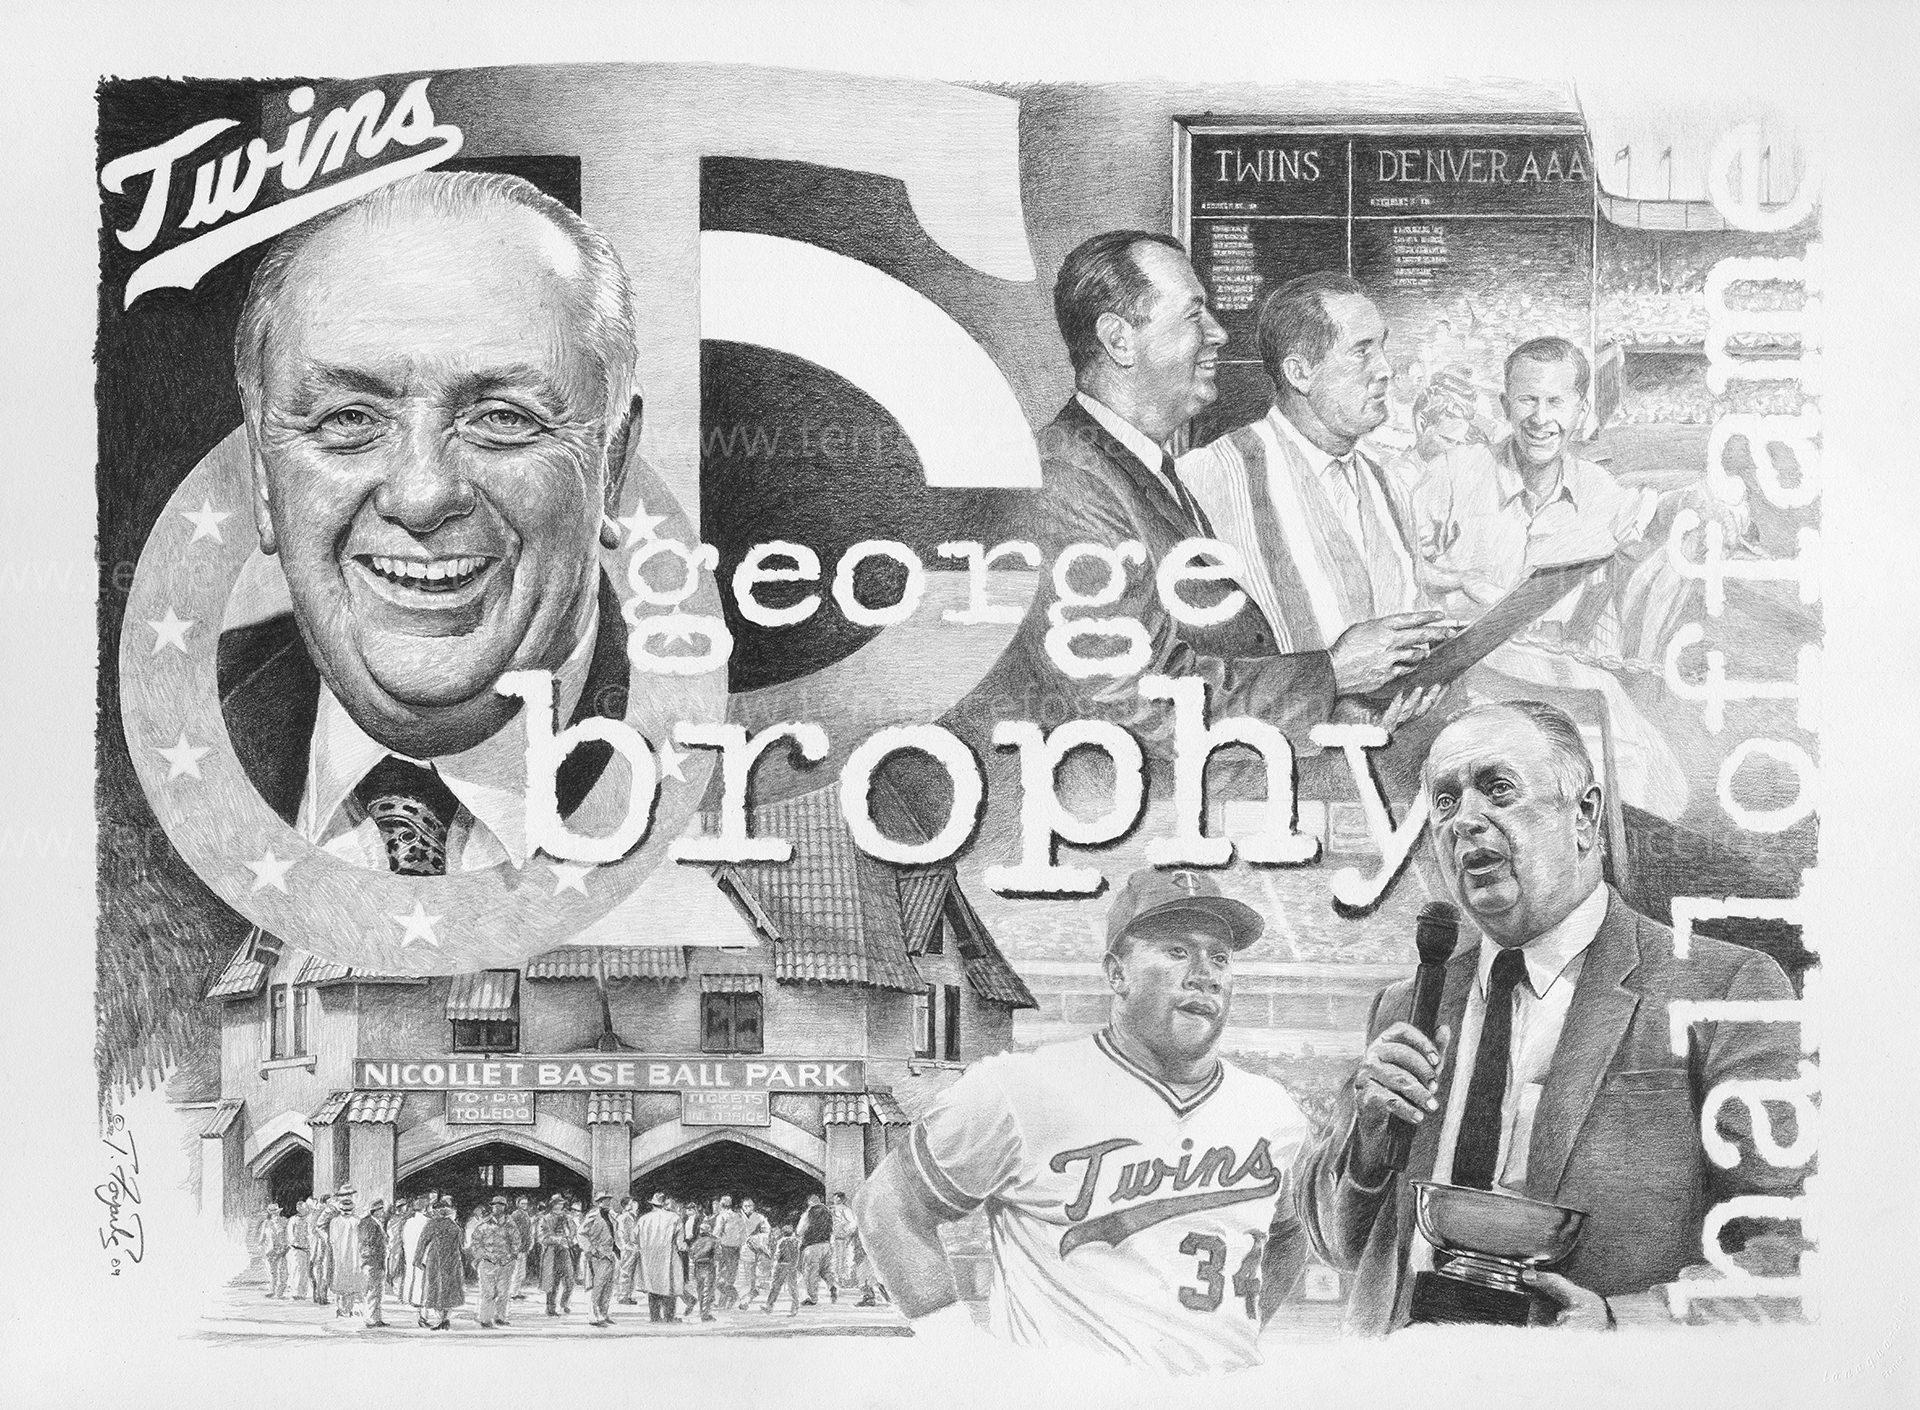 George Brophy